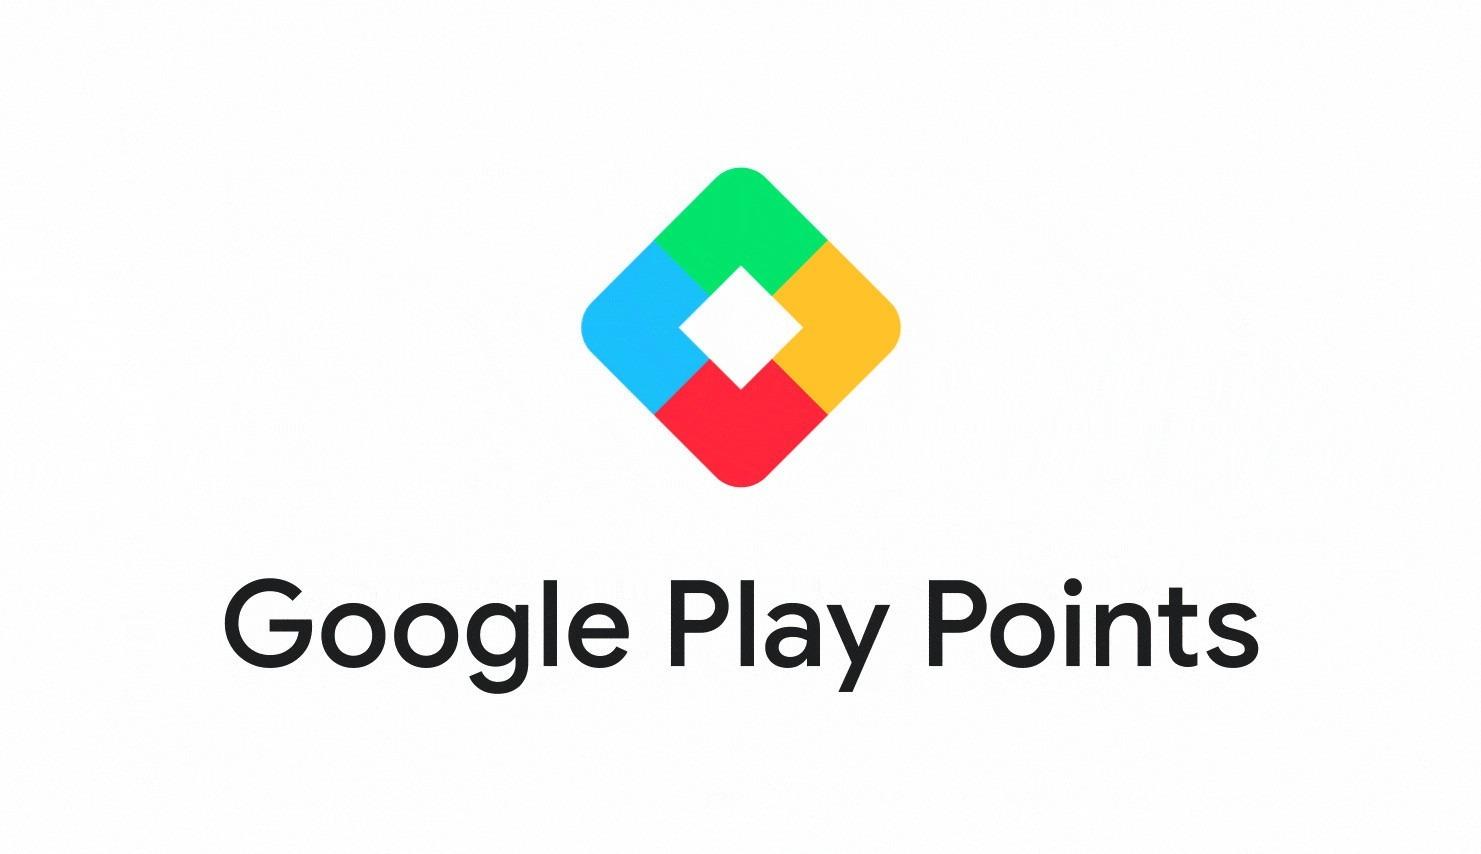 Google Play Points arriva in Italia: ecco come funziona - TuttoAndroid.net